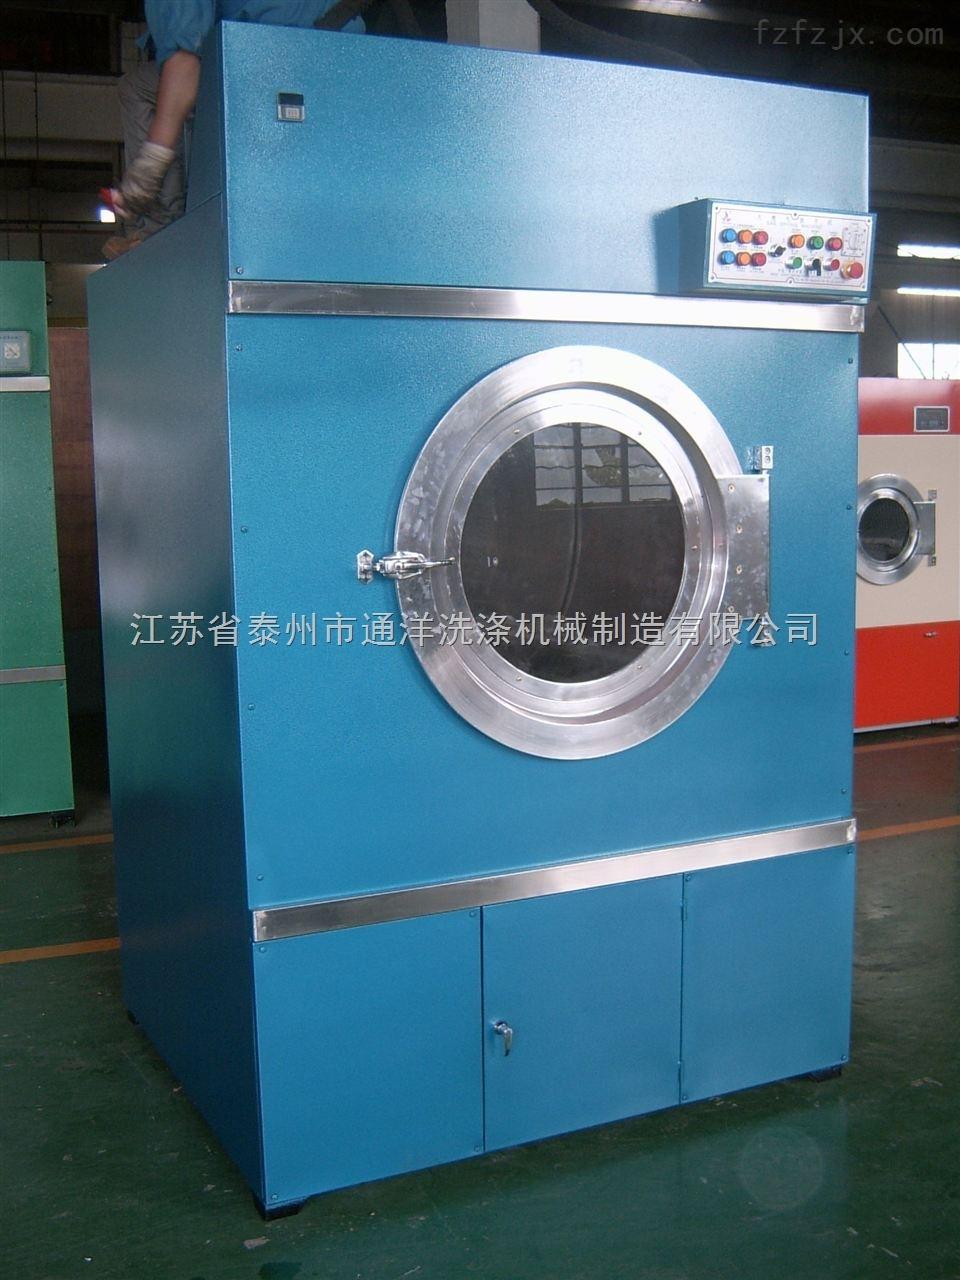 洗衣房用工业烘干机